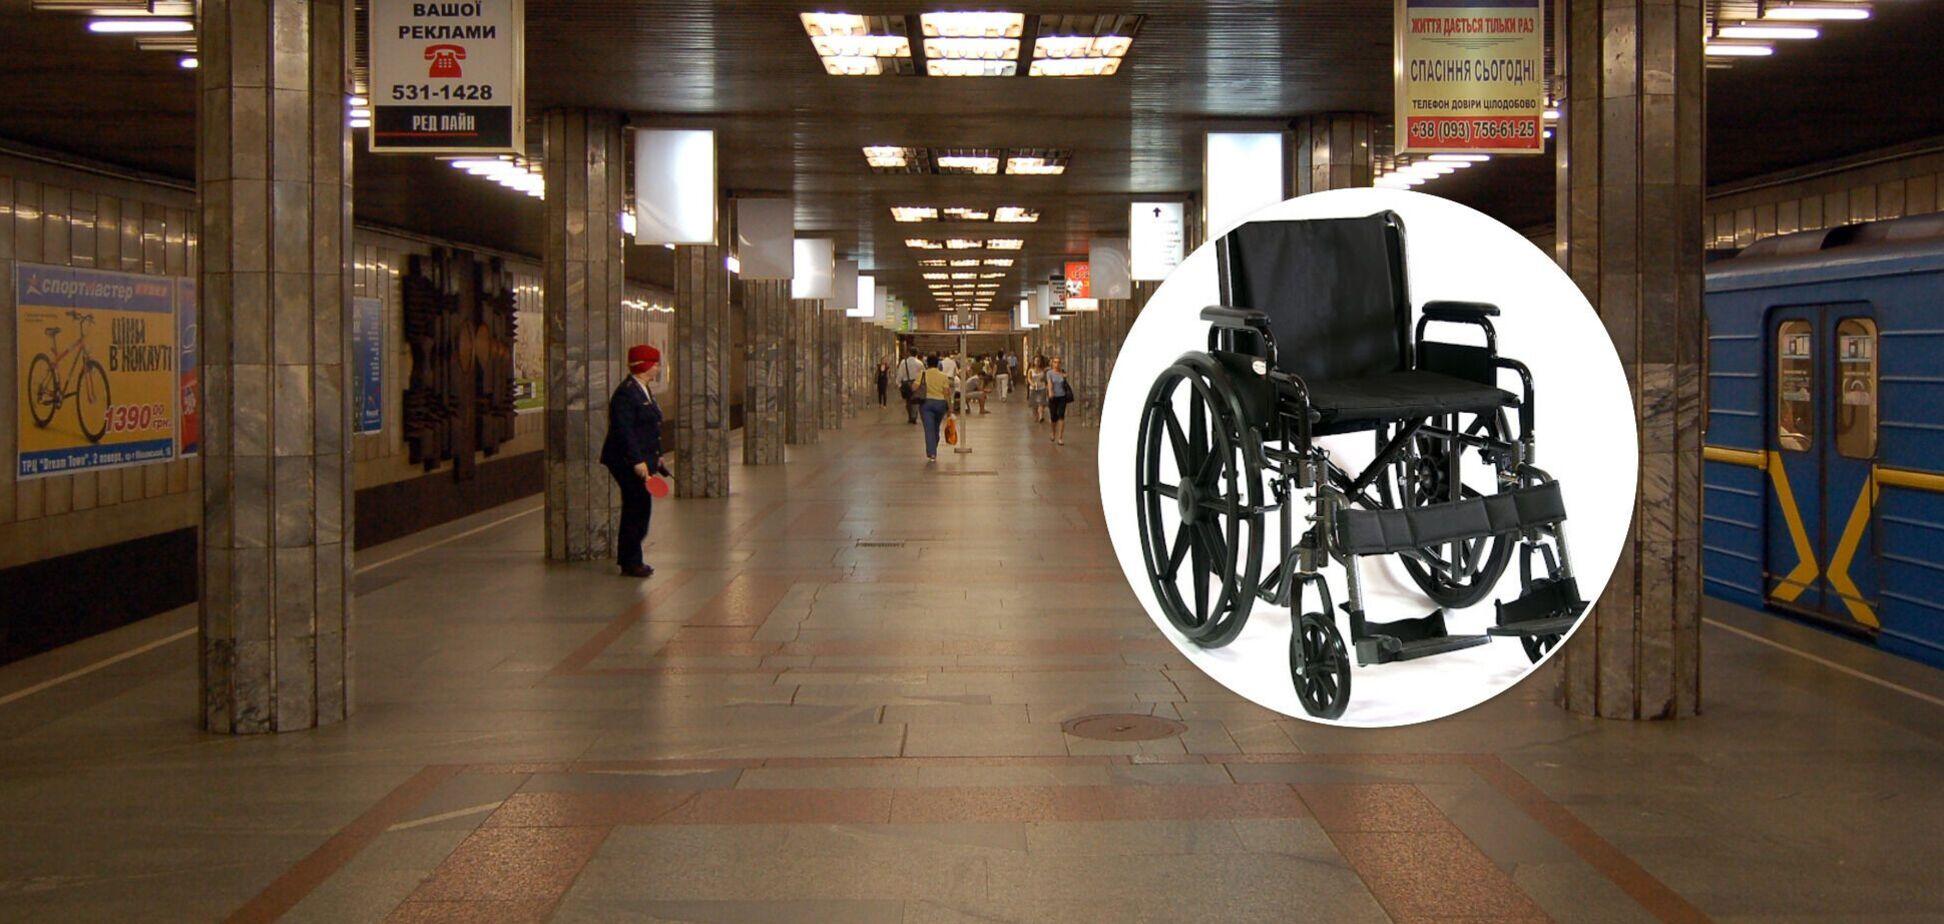 У метро Києва не пропускали чоловіка в інвалідному візку: з'явилася реакція метрополітену. Відео